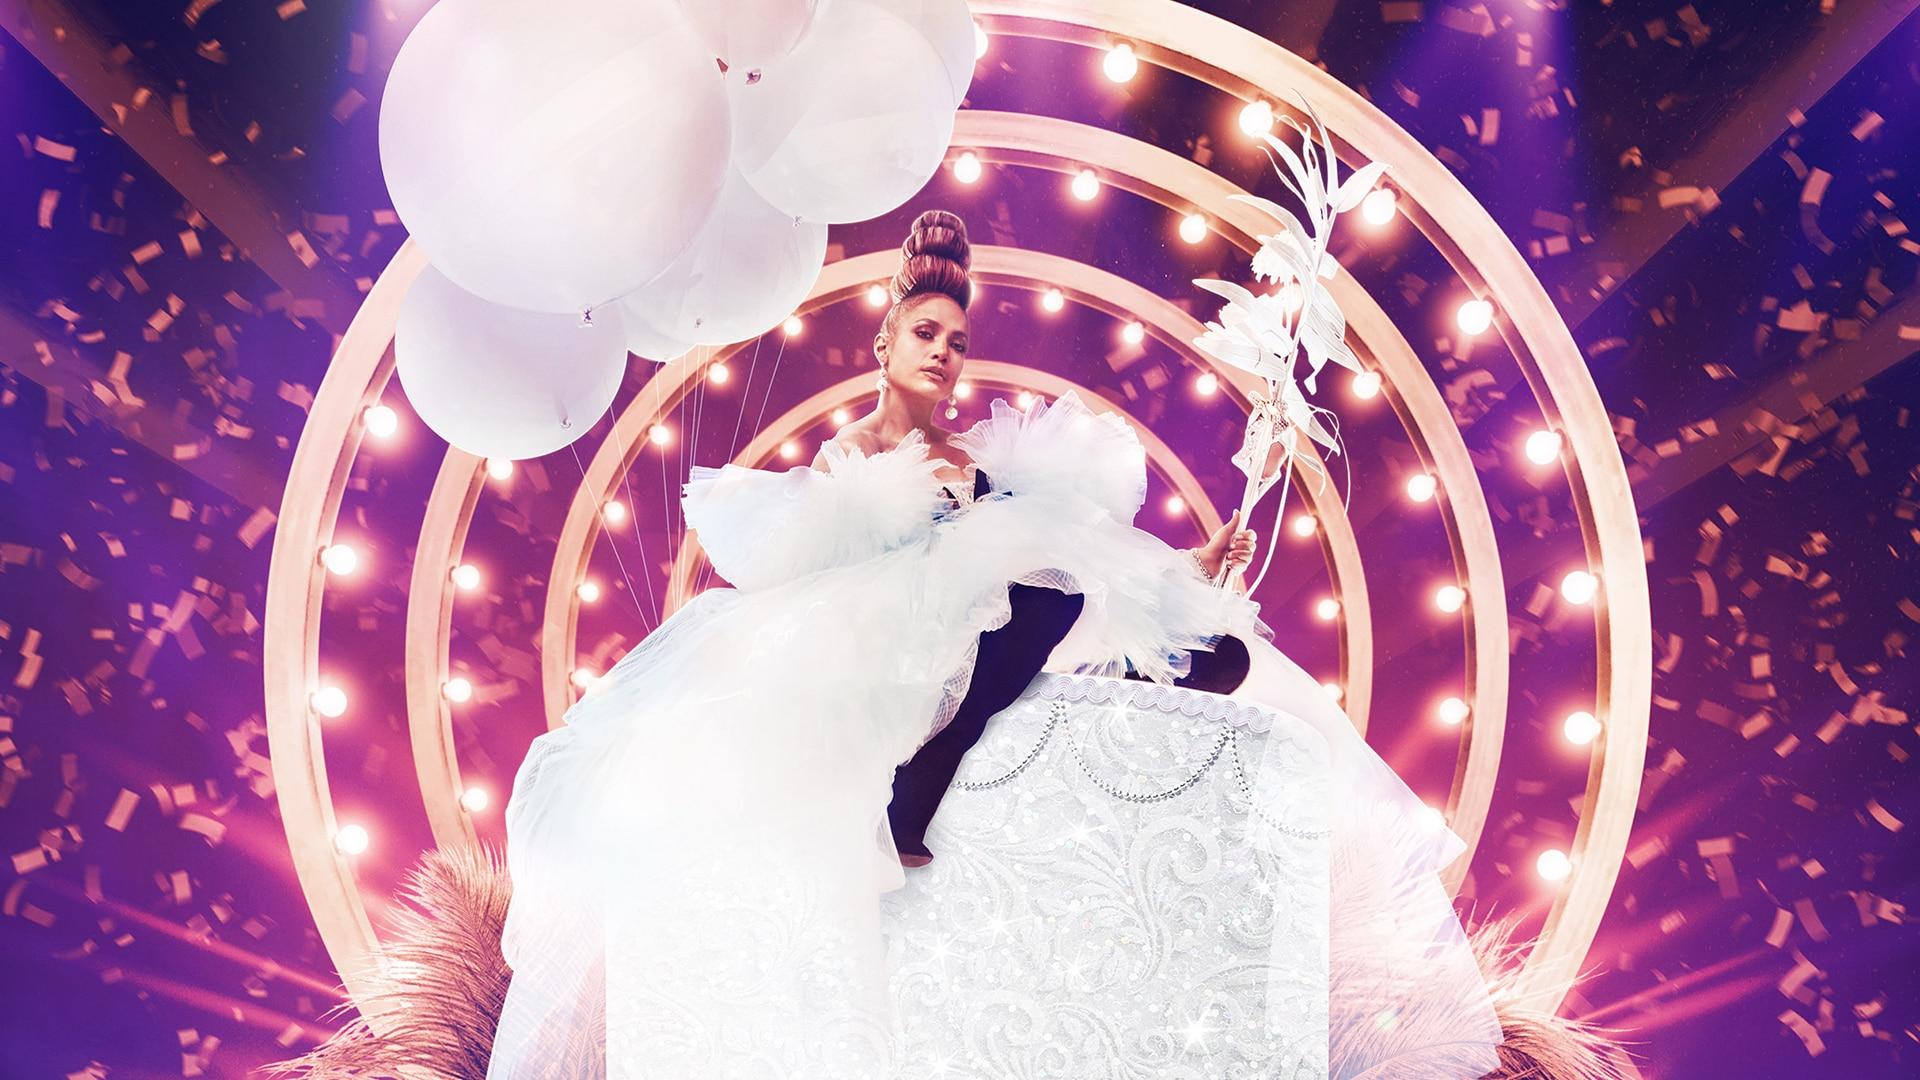 Jennifer Lopez - It's My Party Tour